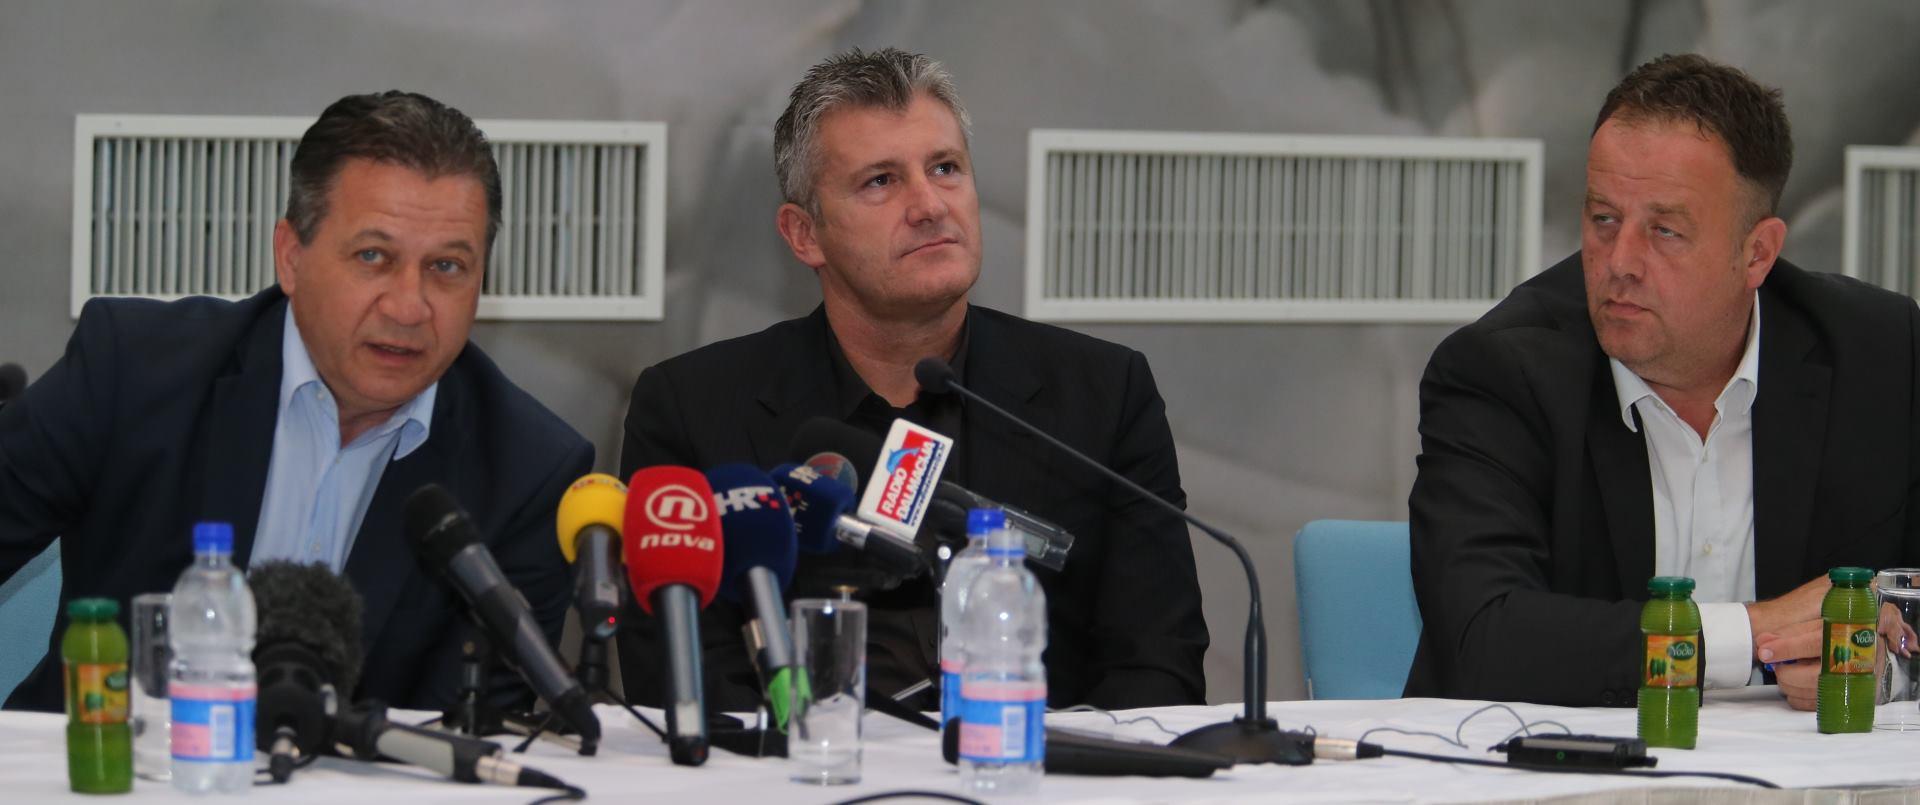 ČEKA SE KAZNA UEFA-e Šuker: Moguće je da Vatreni budu izbačeni s Europskog prvenstva